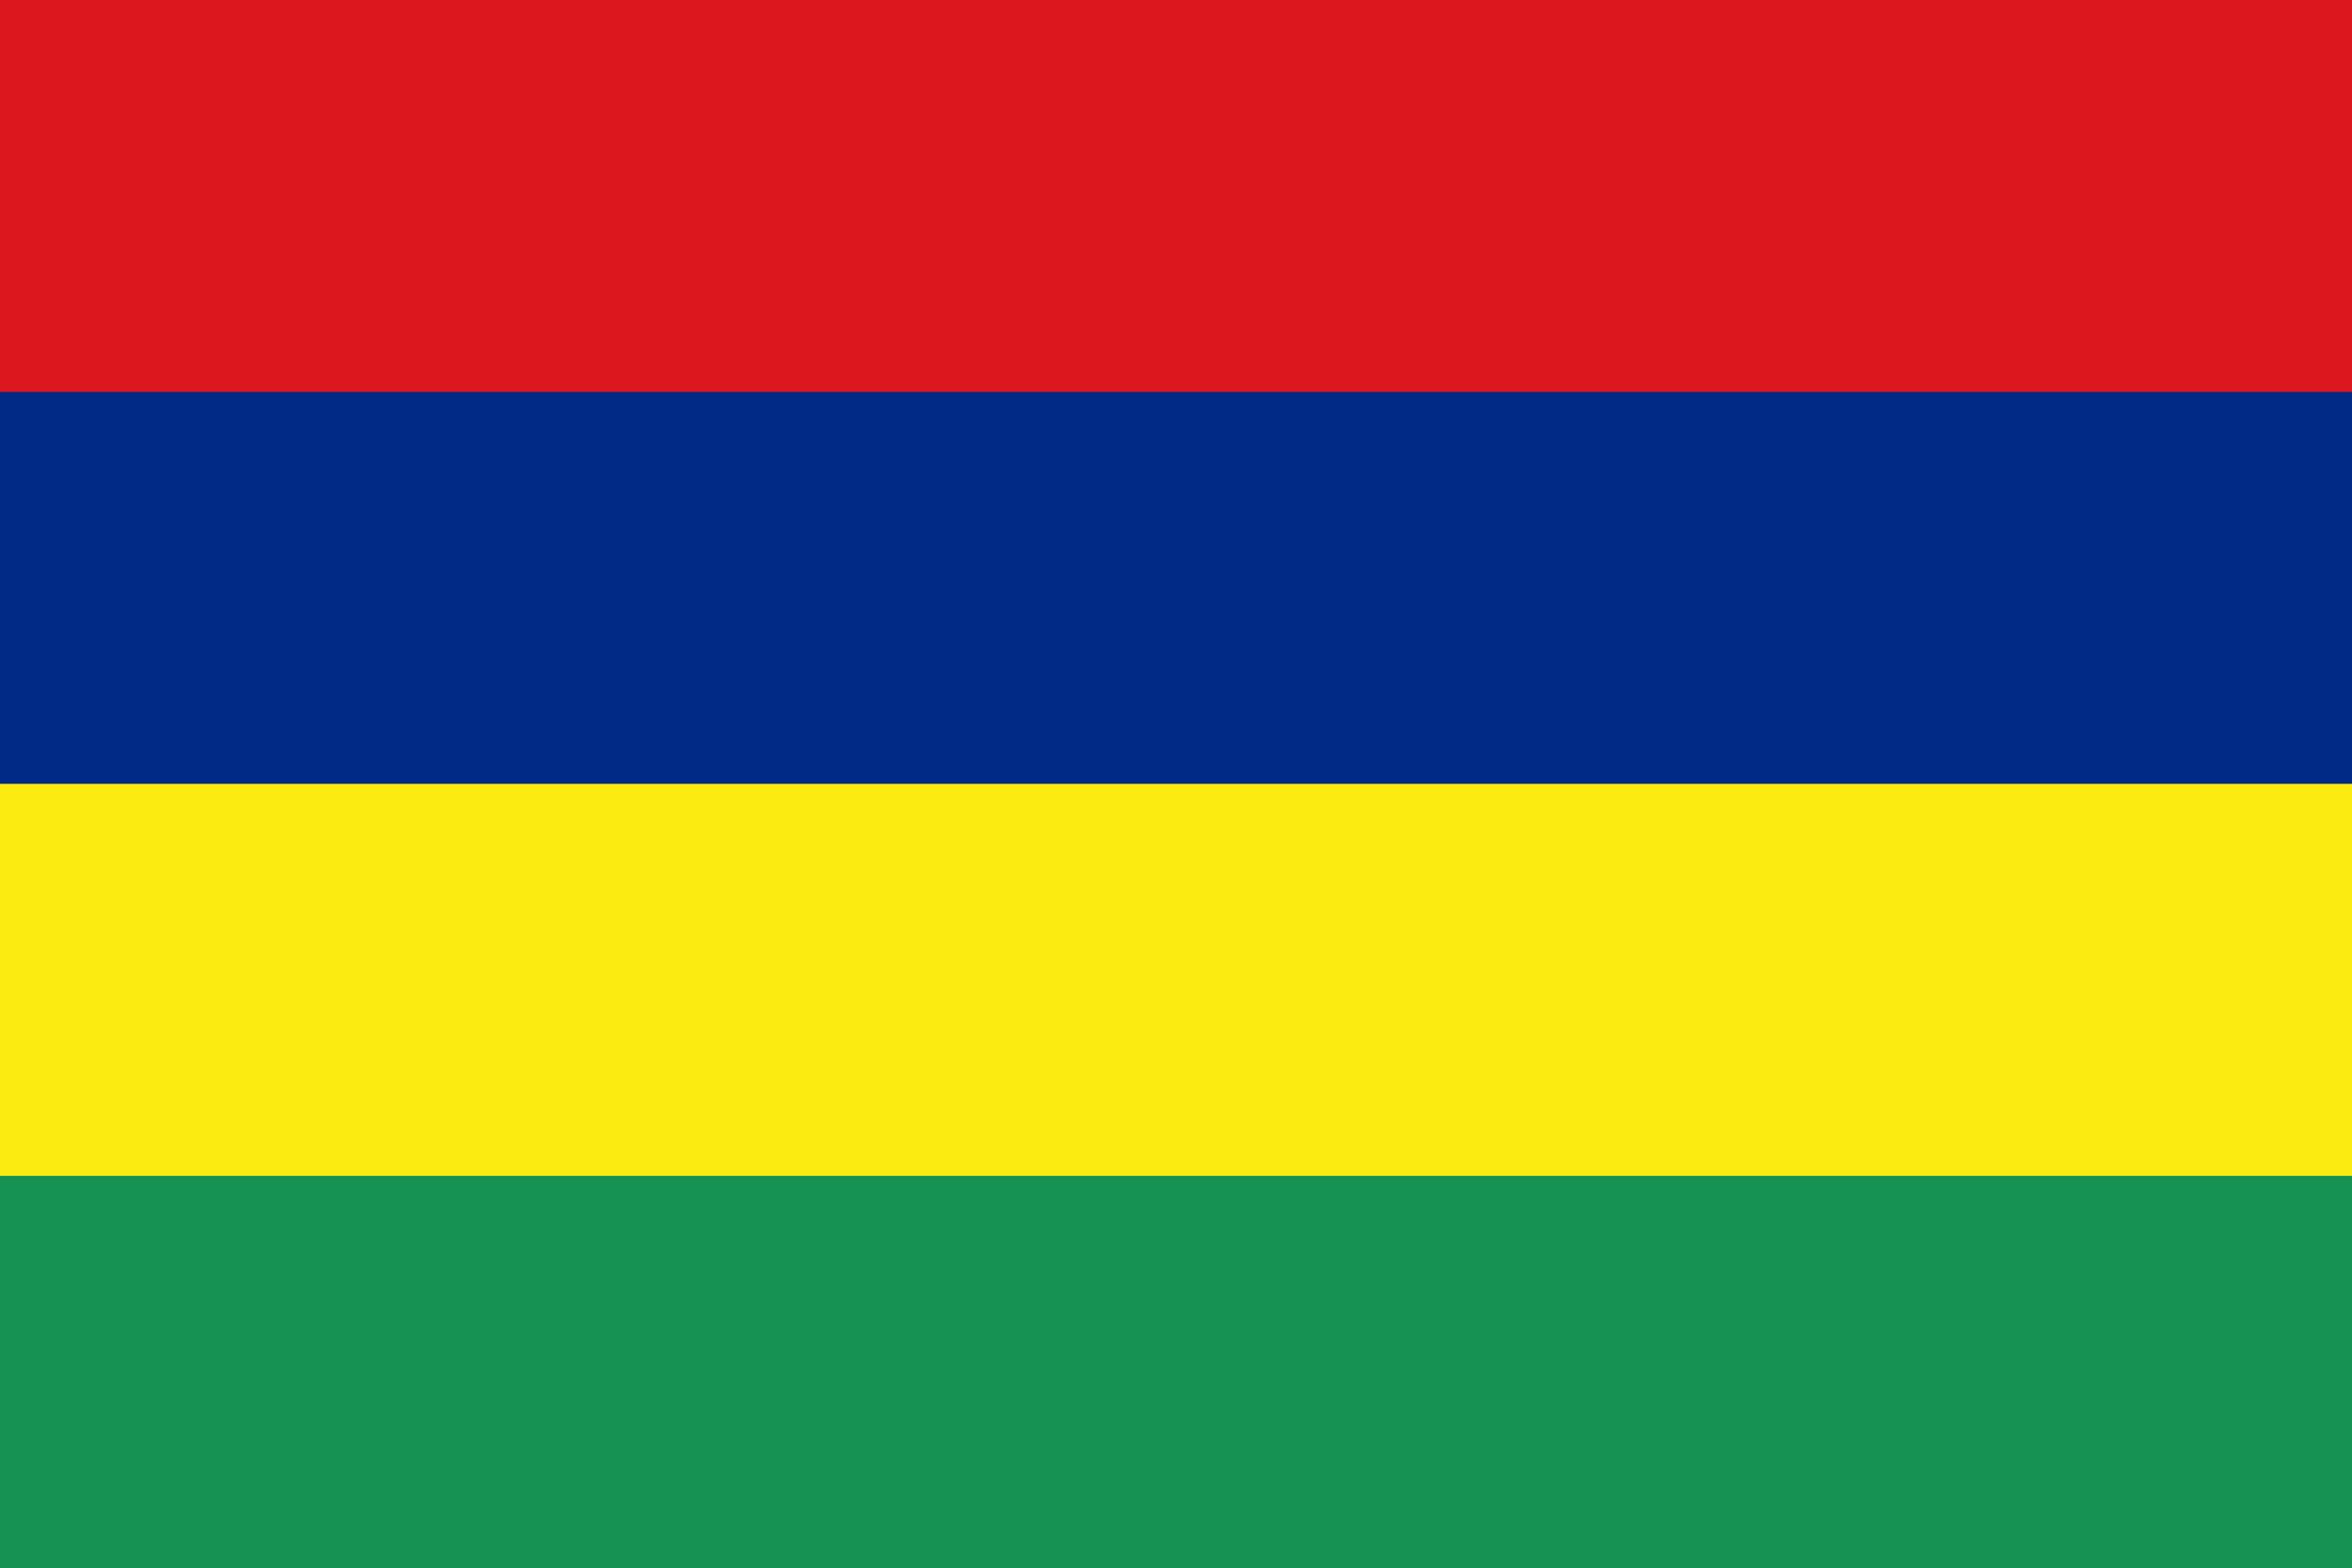 モーリシャス共和国で提出する文書のアポスティーユ申請の代行